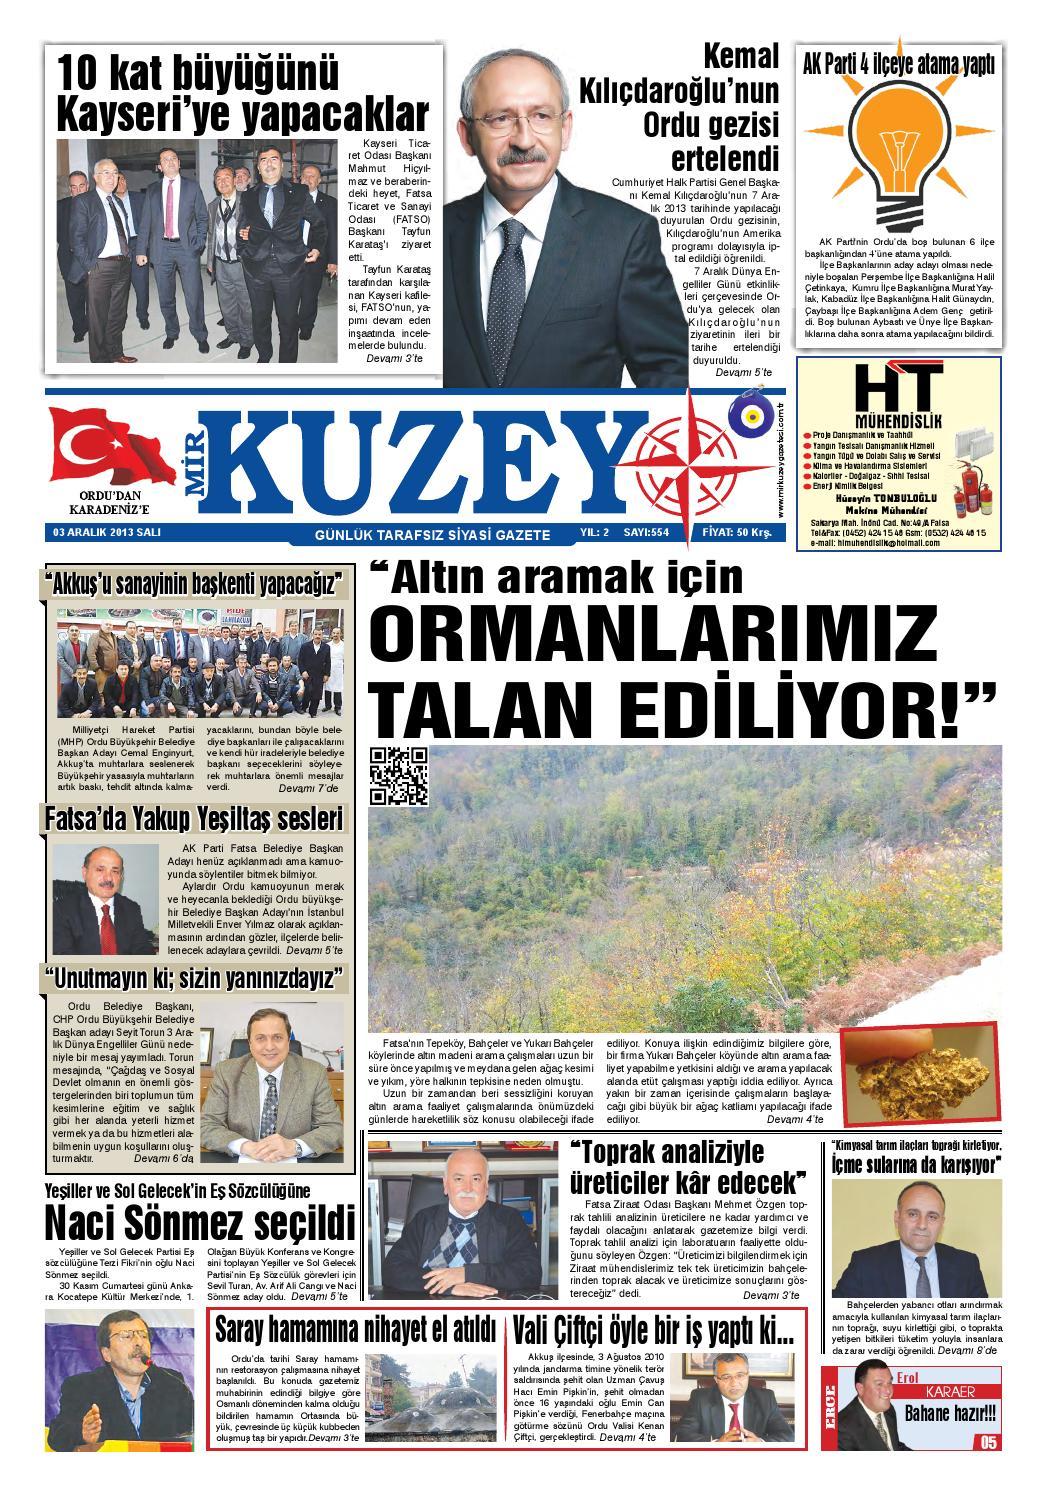 AKPli Şahin: Gün Gelecek AB Bize Muhtaç Olacak 81